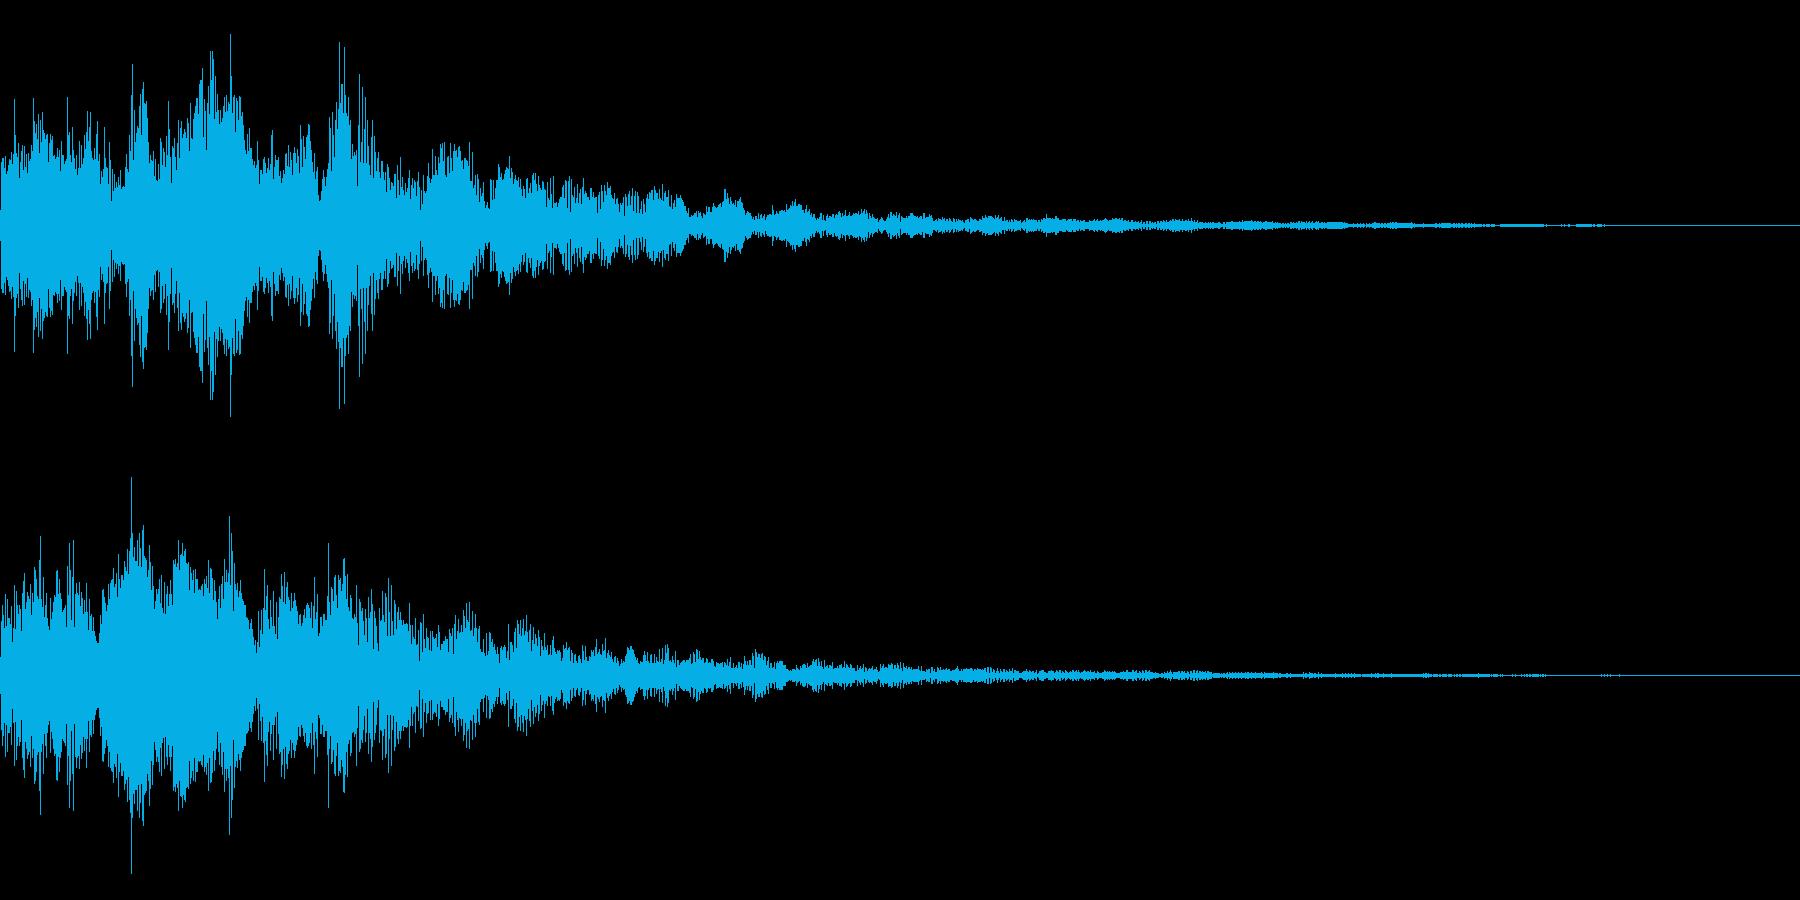 明るいテロップ音 ボタン音 決定音 14の再生済みの波形